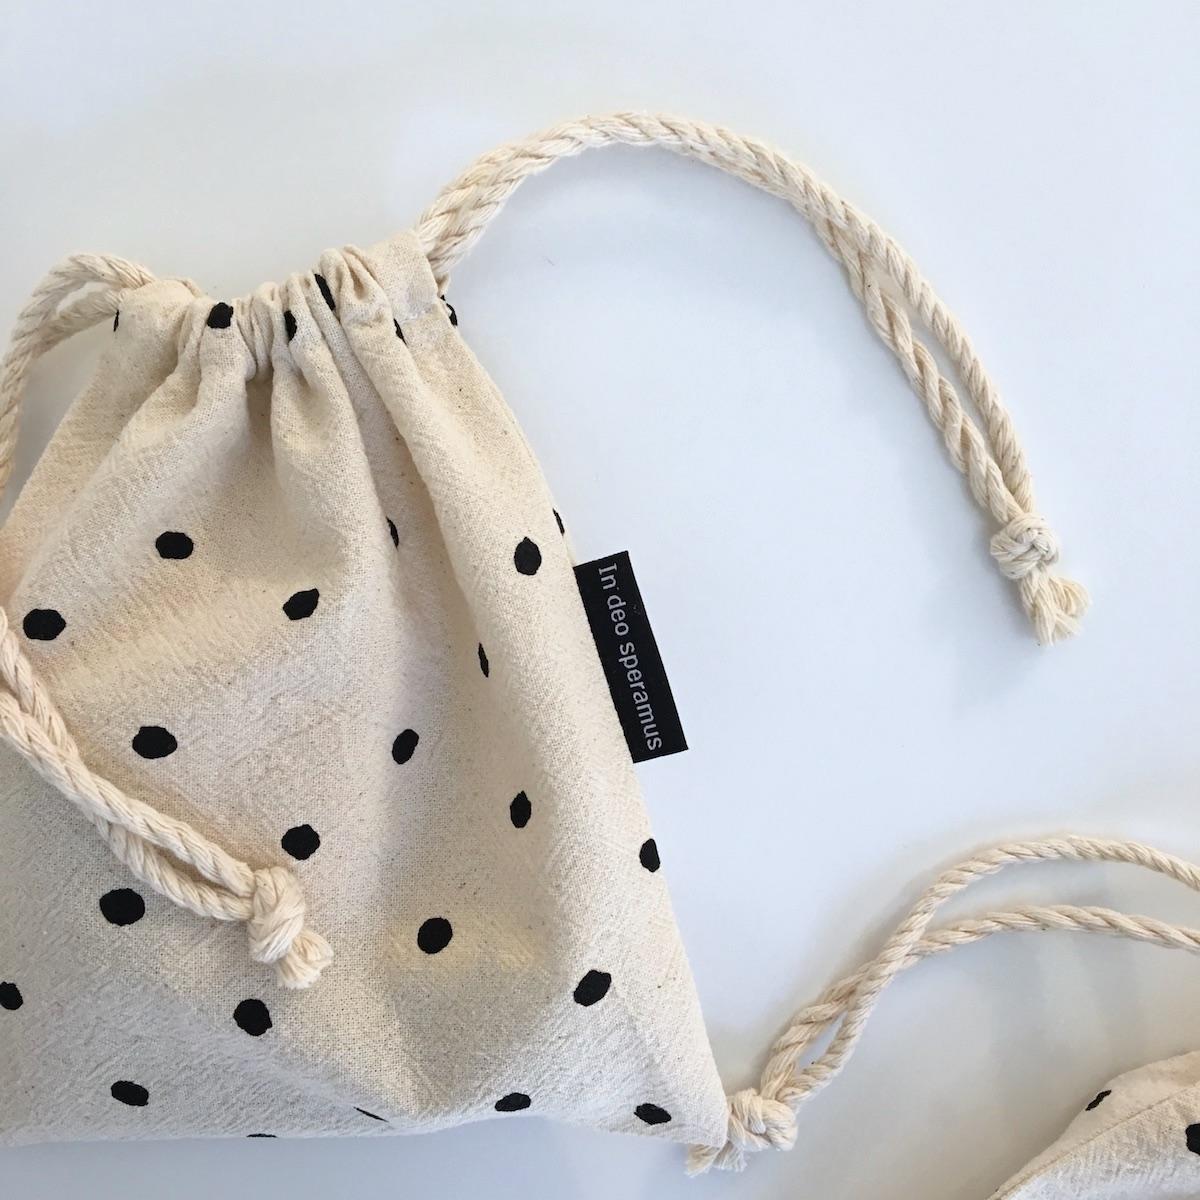 아기 도트 스트링 파우치(baby dot string pouch) - 인데오스페라무스, 8,000원, 메이크업 파우치, 끈/주머니형